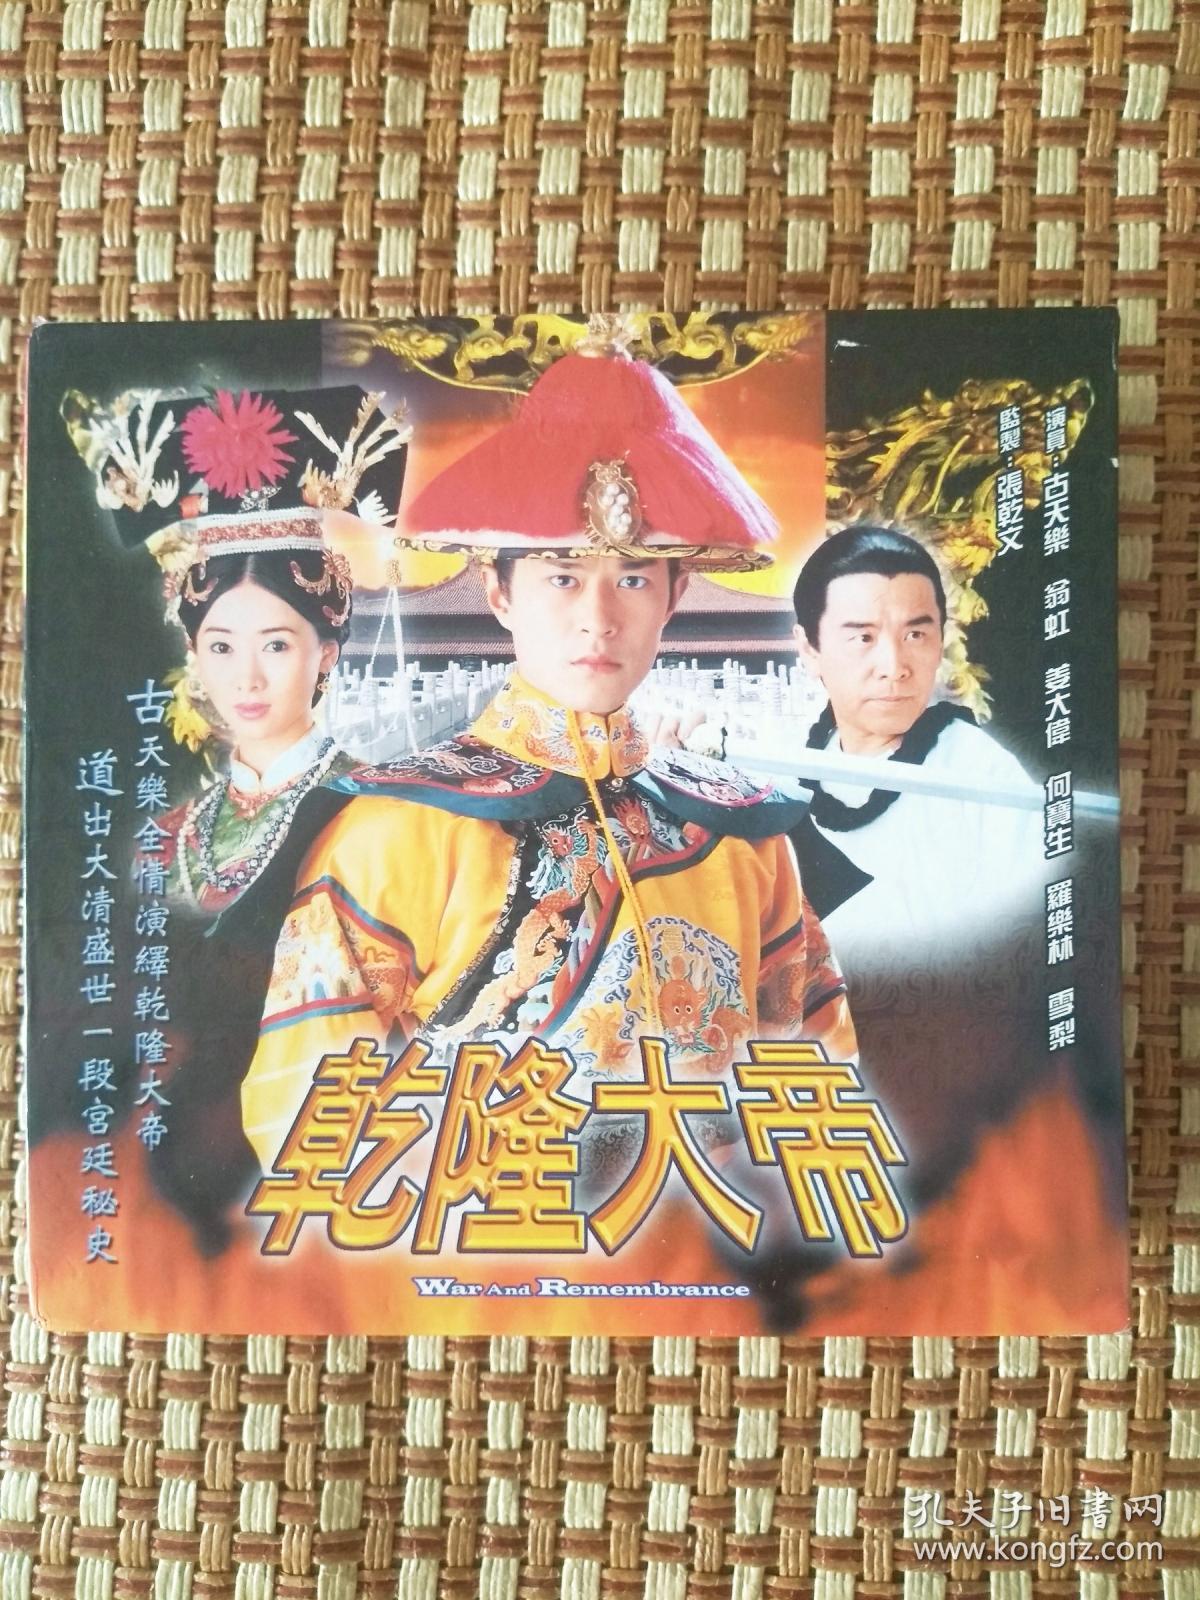 20集香港经典电视剧《乾隆大帝》13碟装vcd